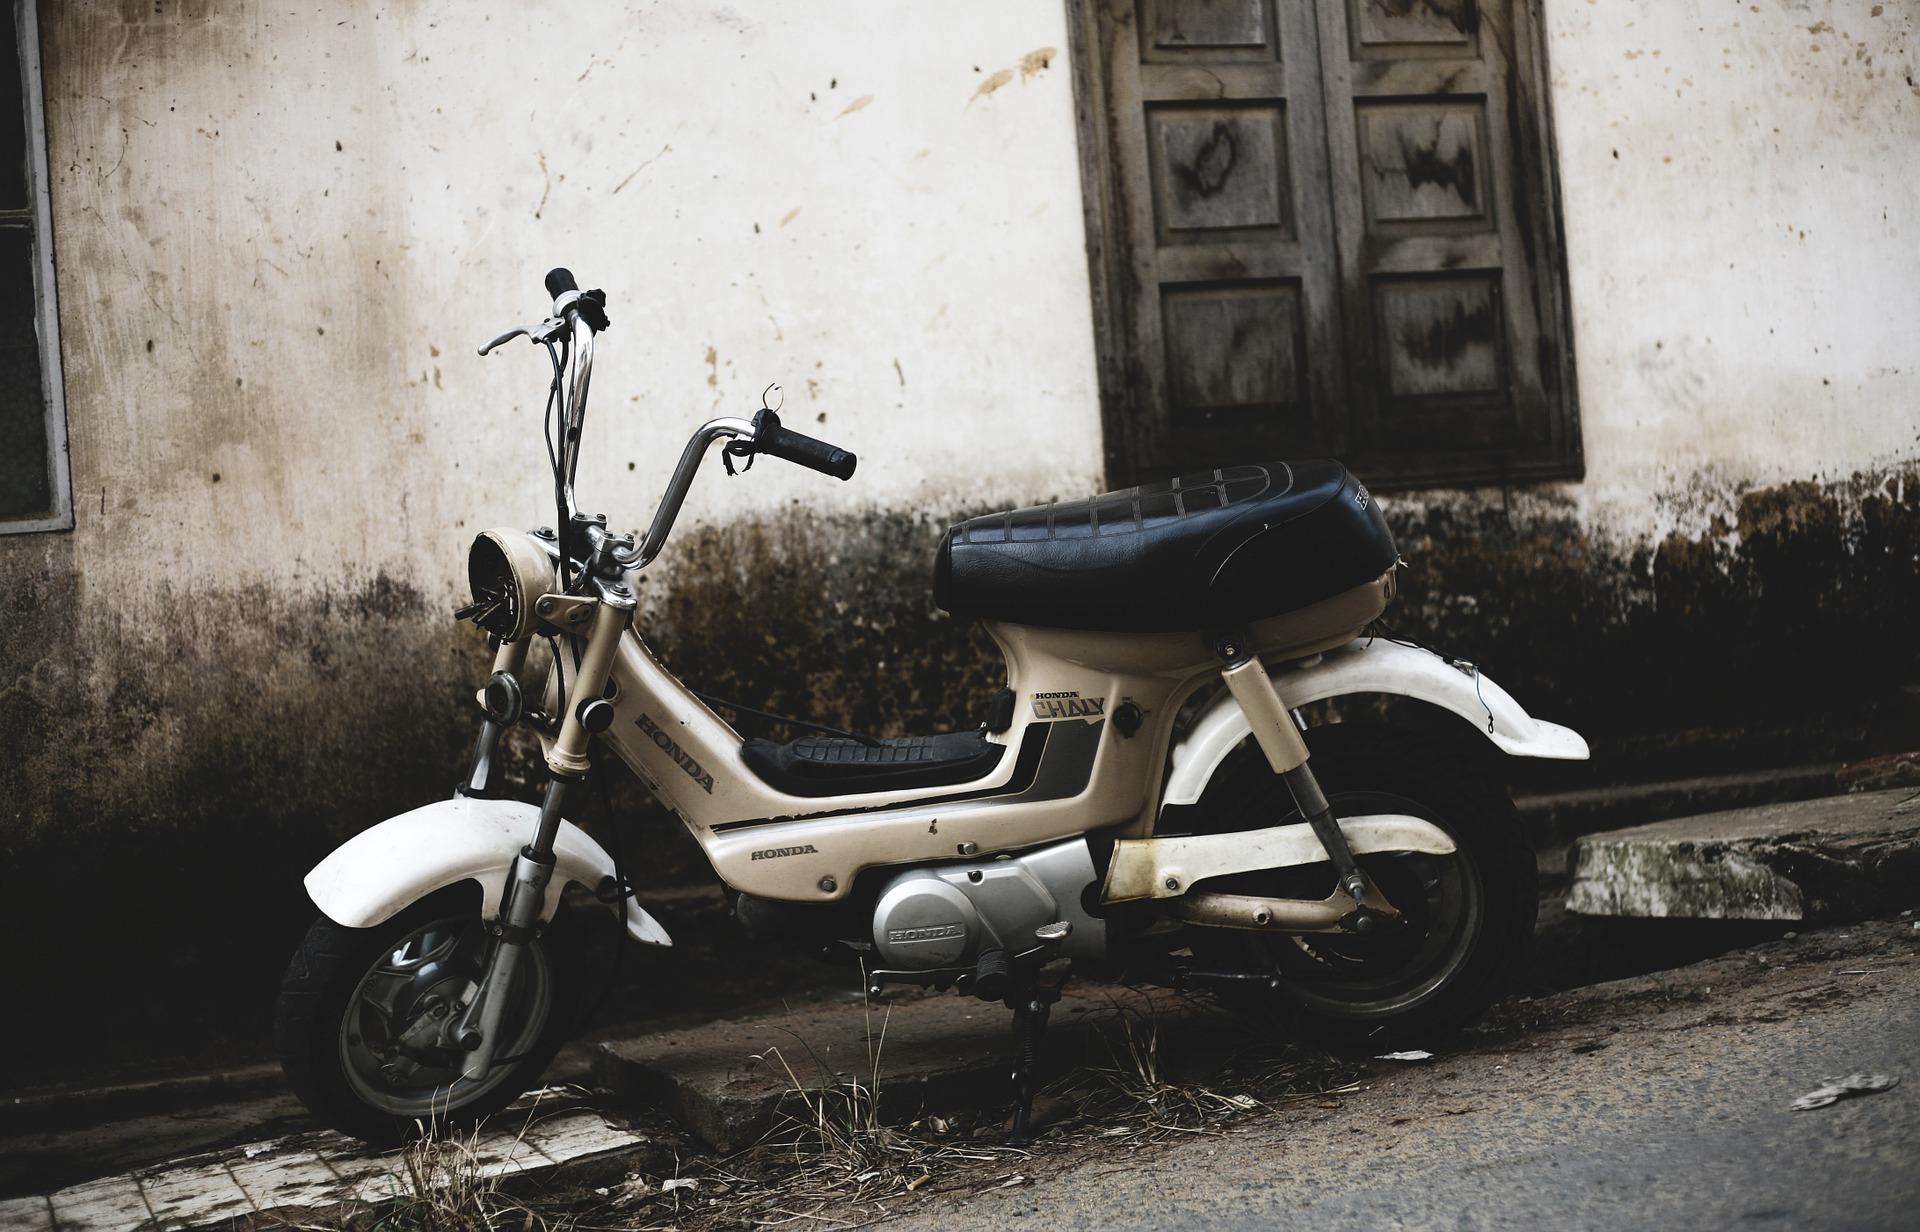 assurance temporaire scooter 50cc